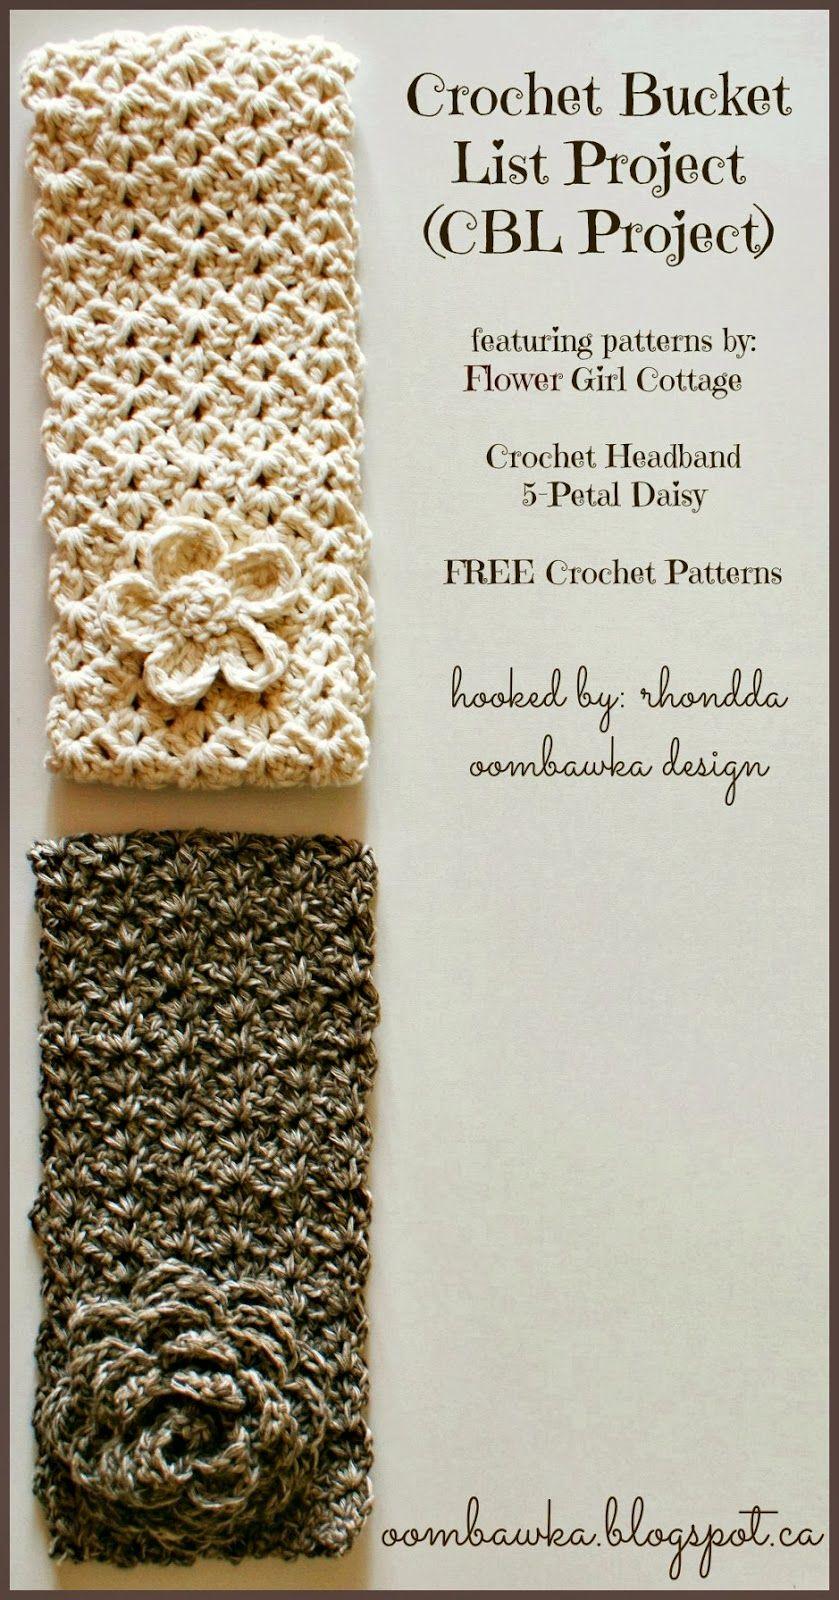 Crochet Headband and 5 Petal Daisy | Muster, Handarbeiten und Stricken